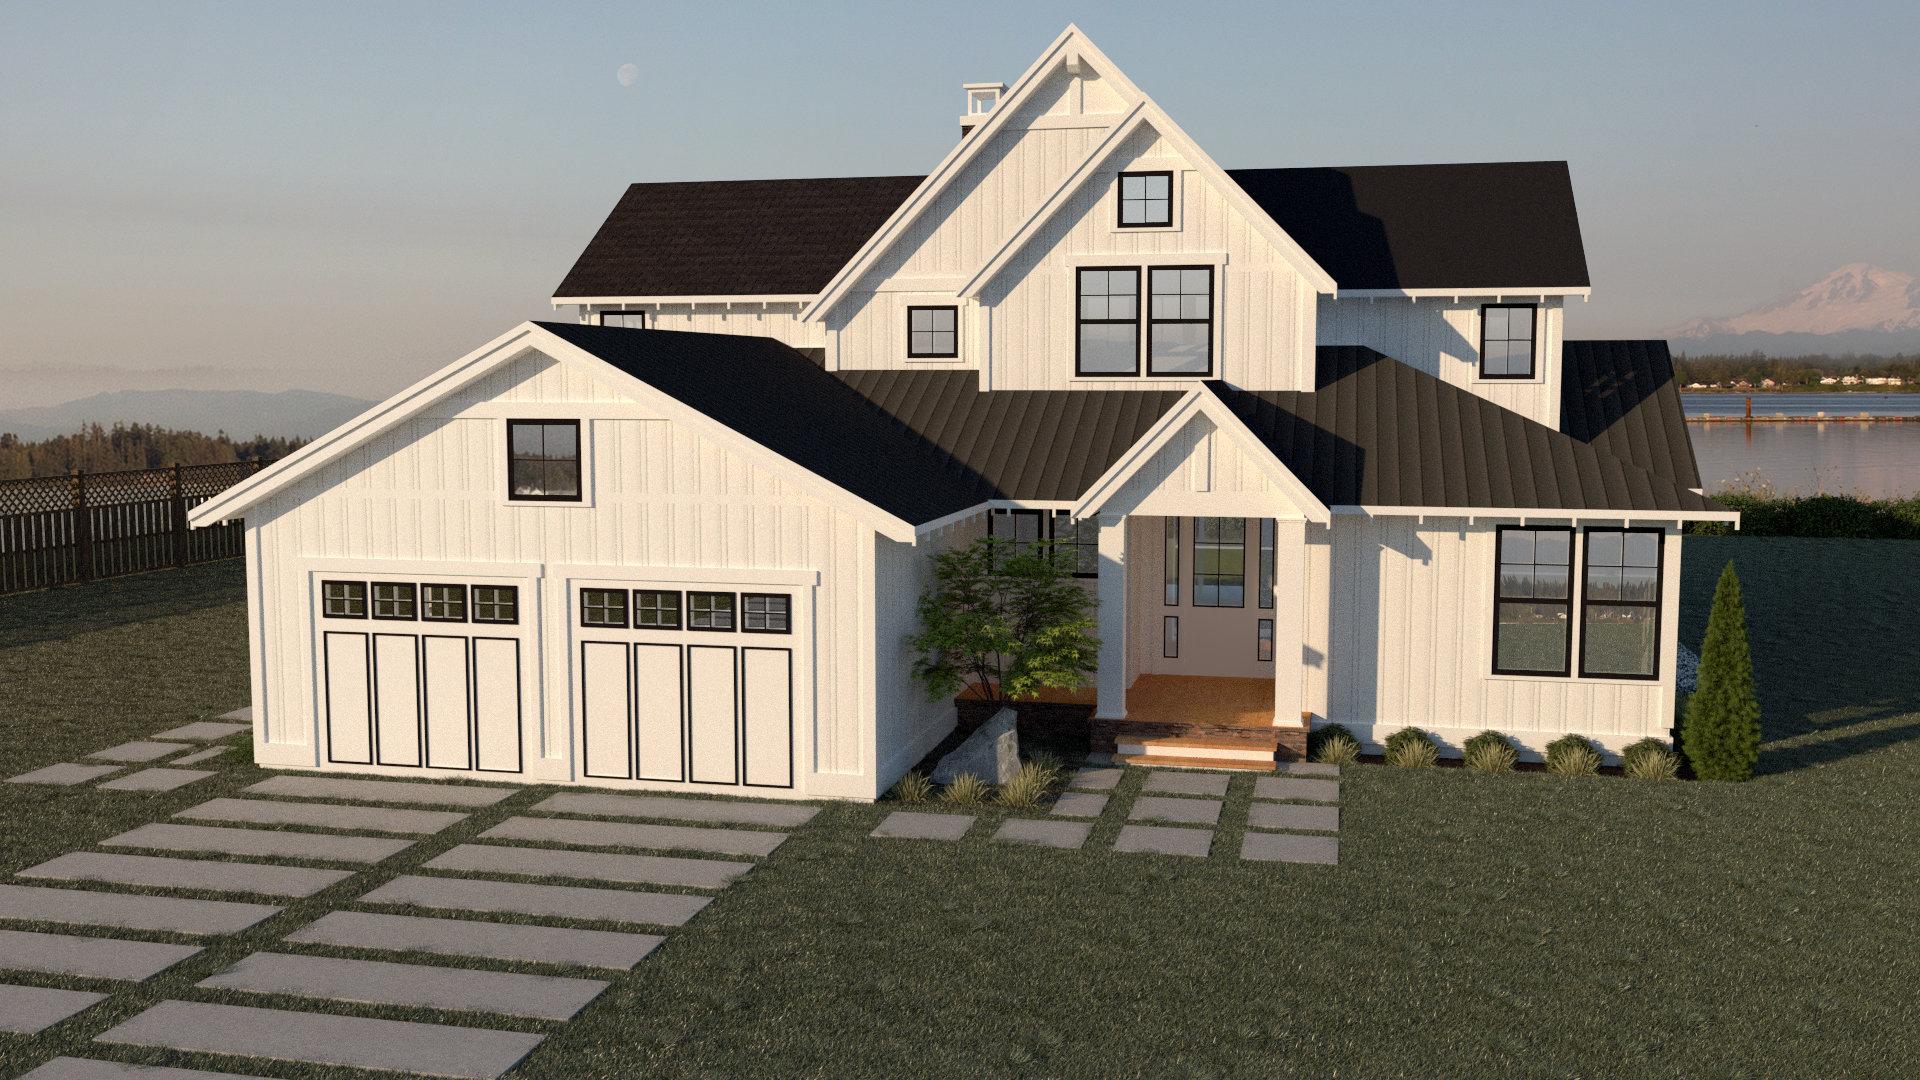 Contemporary Farmhouse 811 18-084